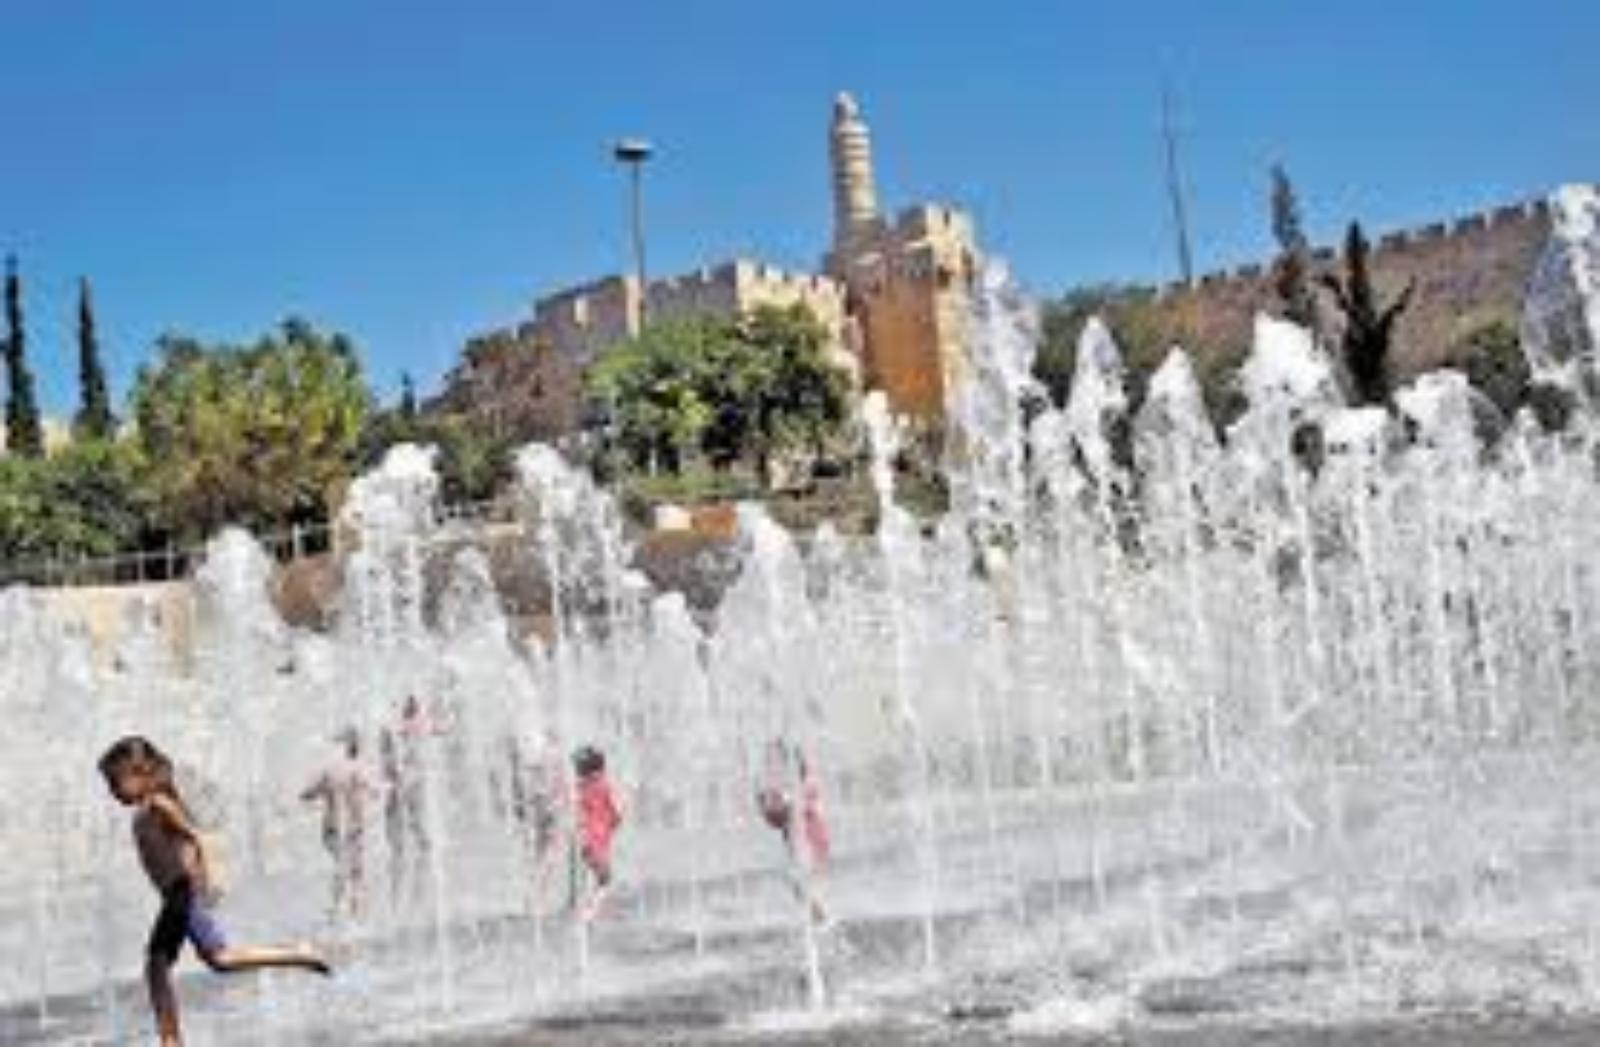 שיטות לחיסכון במים בצנרת העירונית